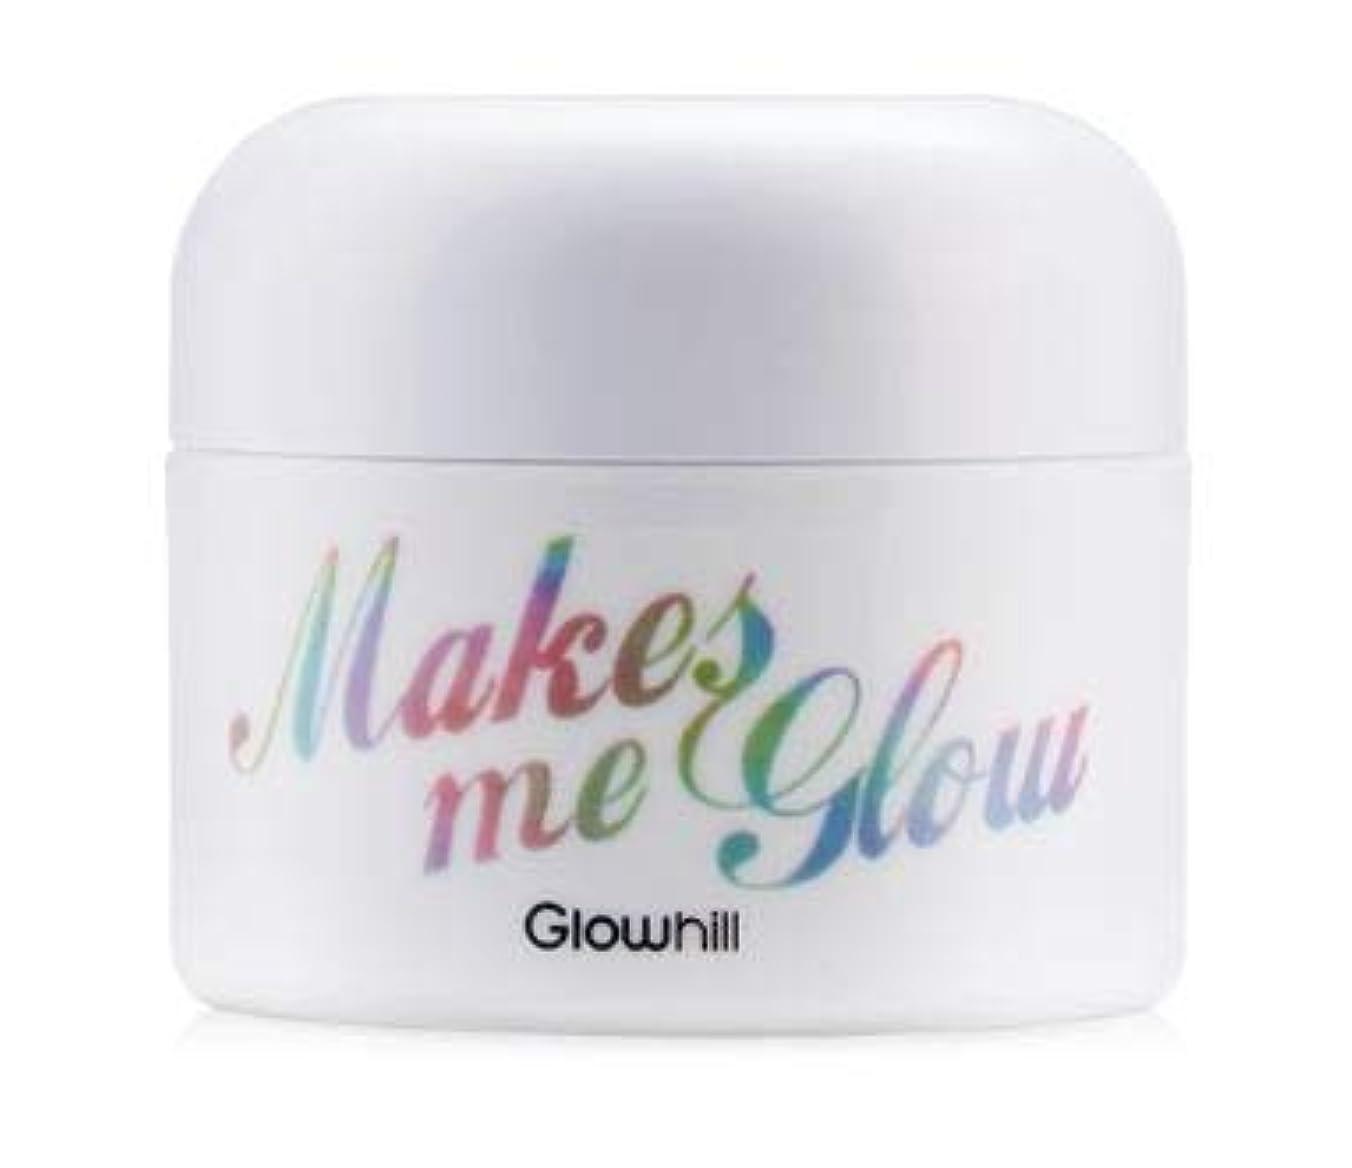 人里離れた百年満員[Glowhill] Aurora Whitehole Glow Mask / [グローヒル] オーロラホワイトホールグローマスク [並行輸入品]